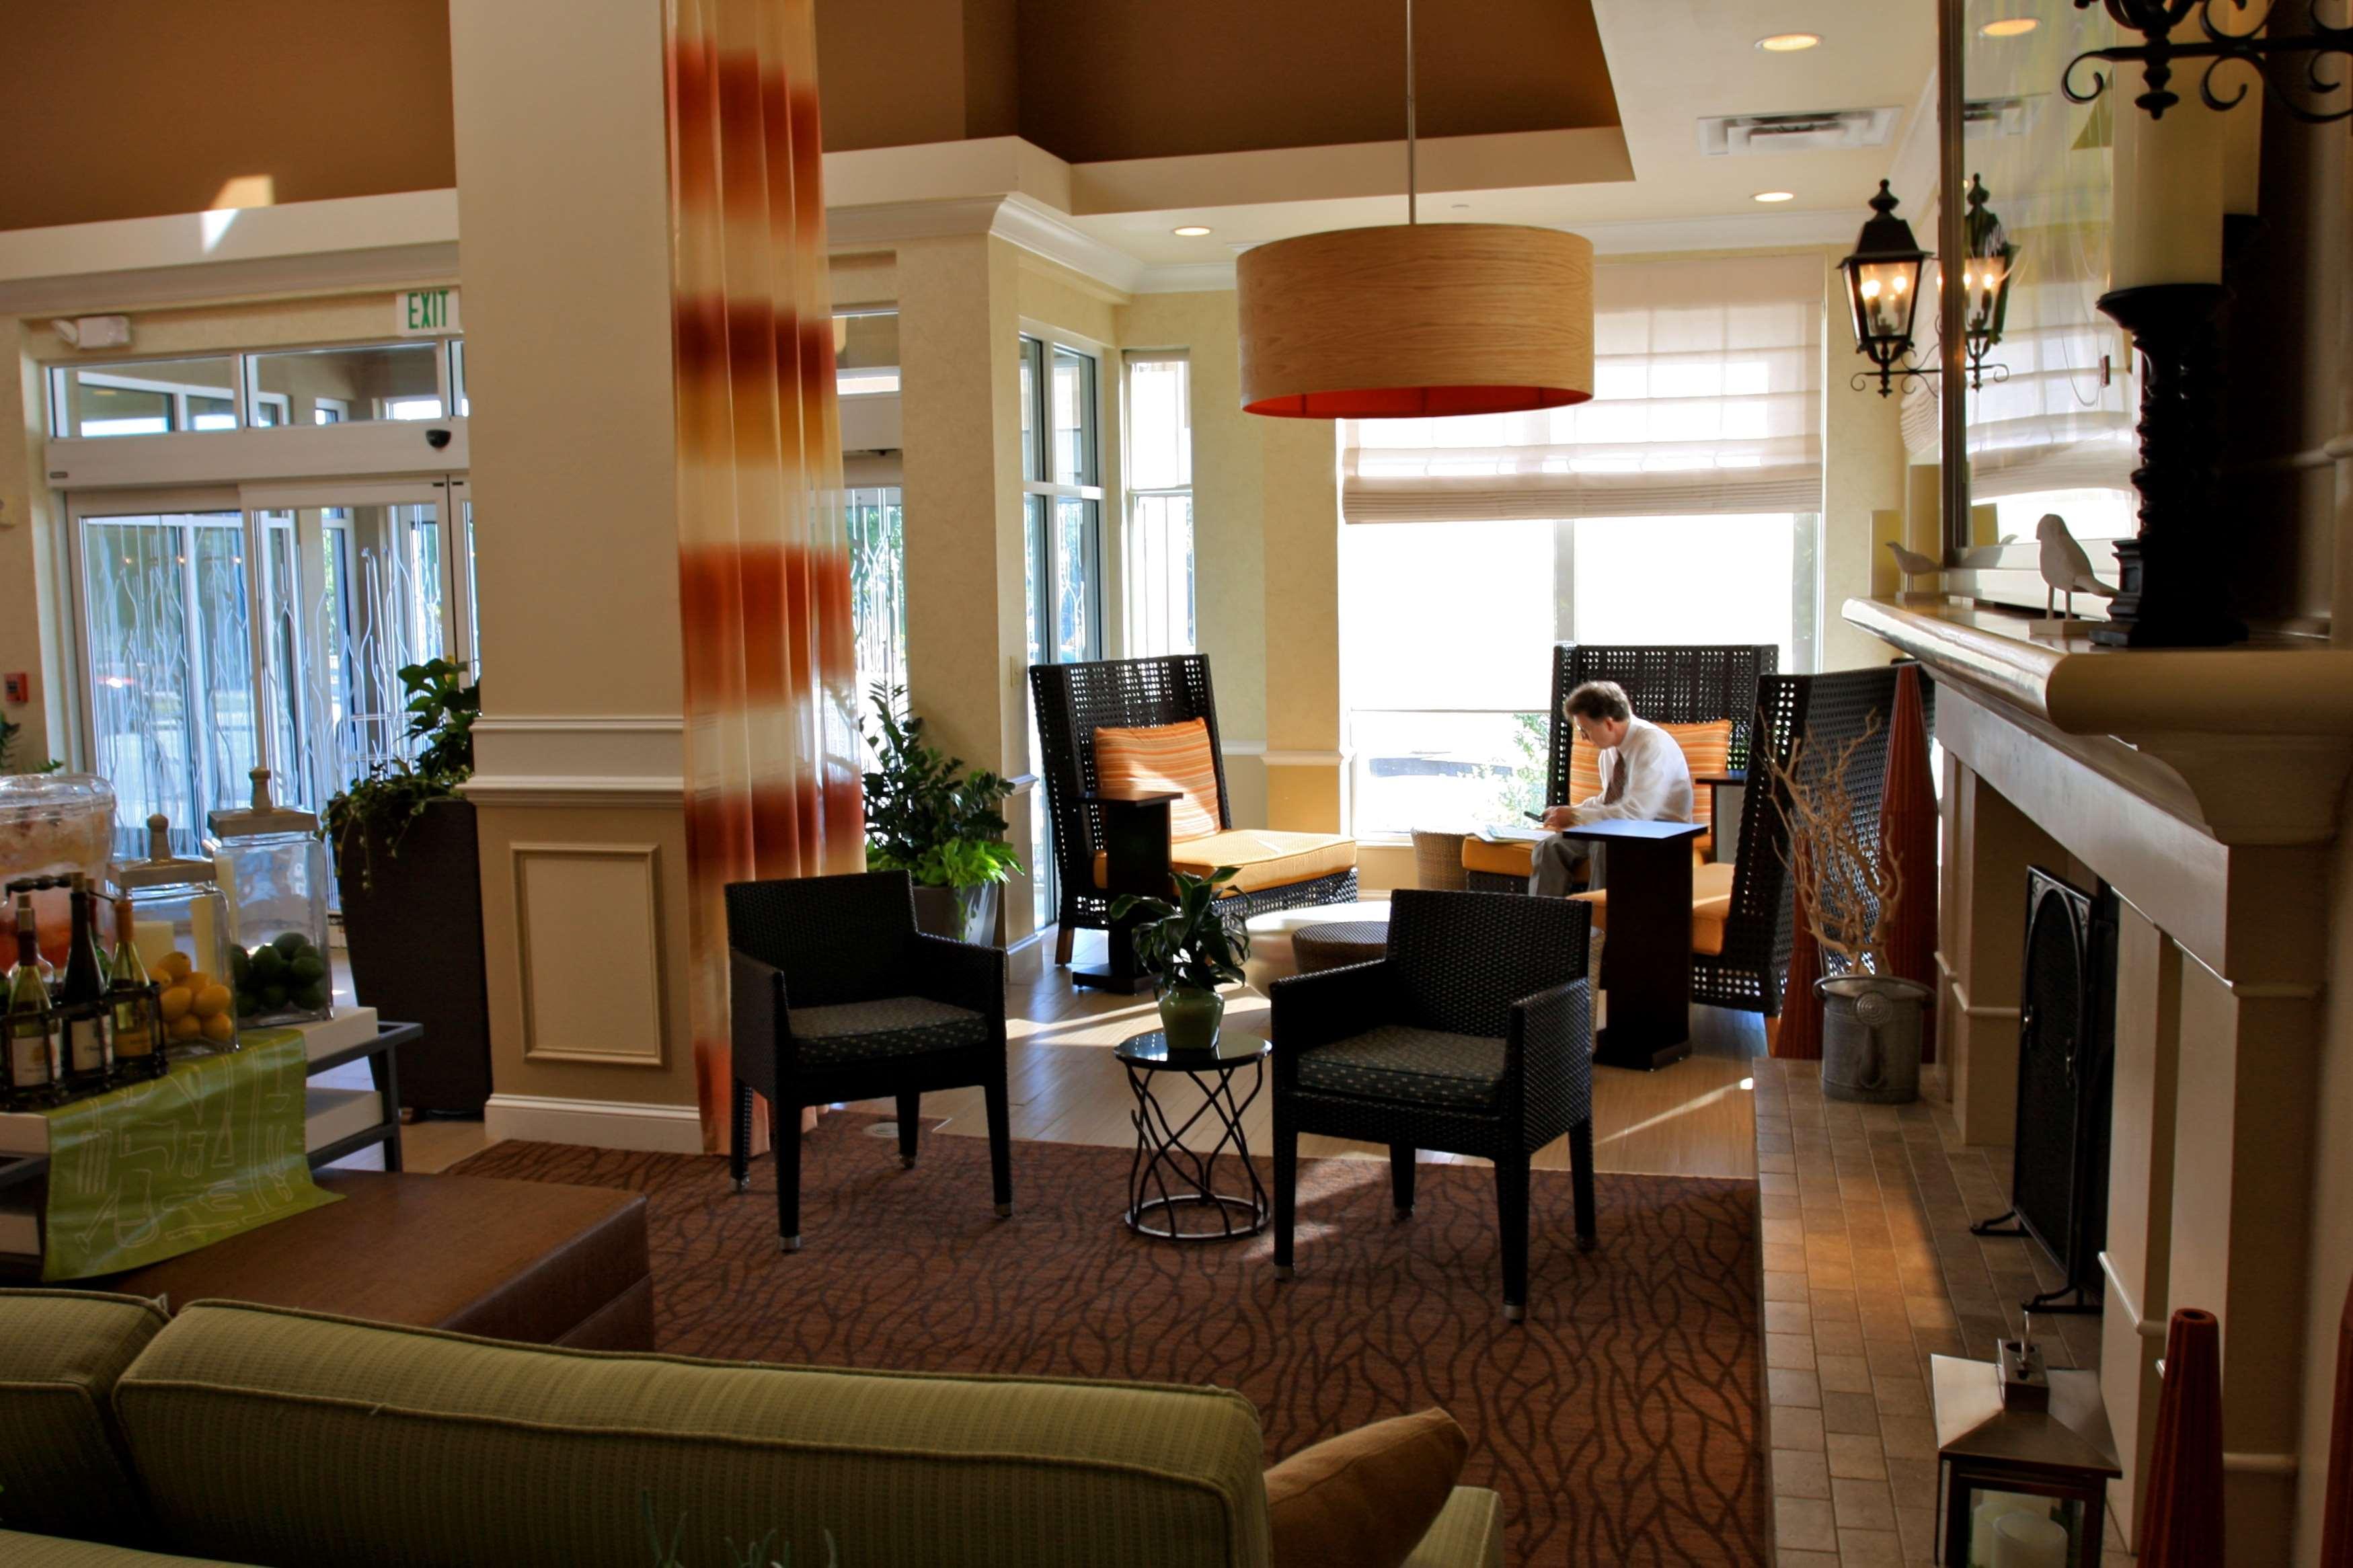 Hilton Garden Inn Albany image 8